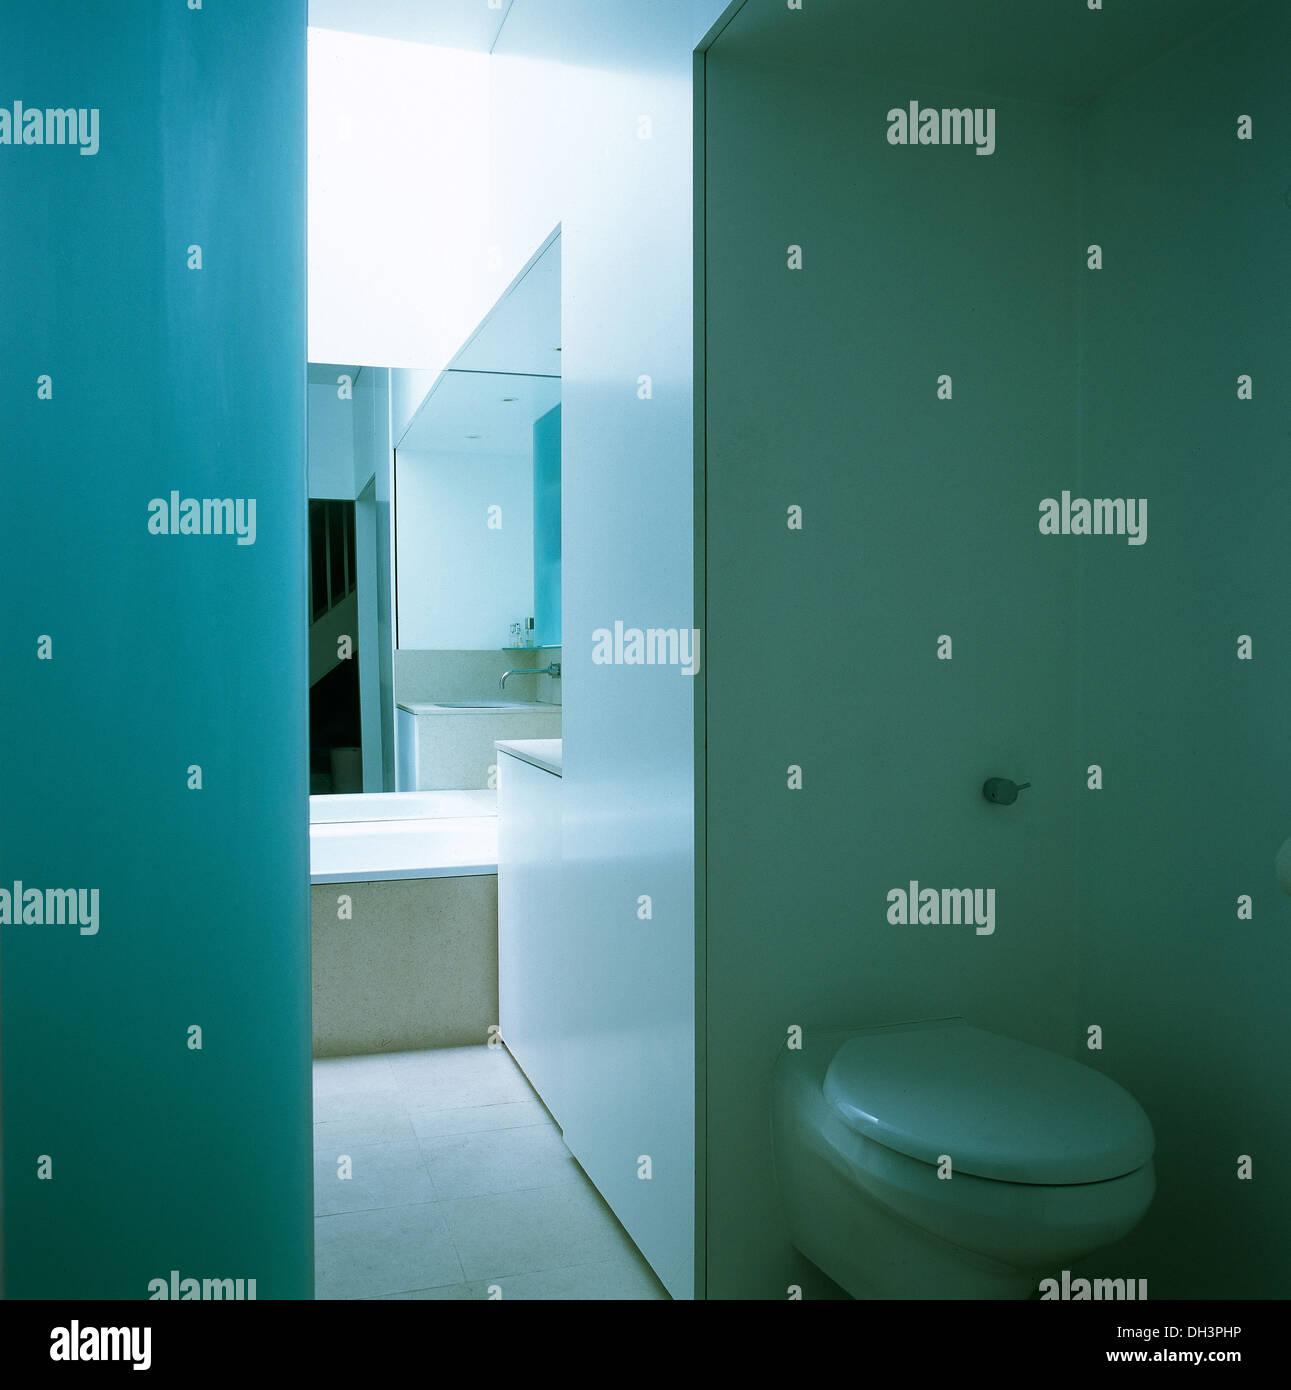 Minimalist Bathroom Images: Bath Tiles Toilets Stock Photos & Bath Tiles Toilets Stock